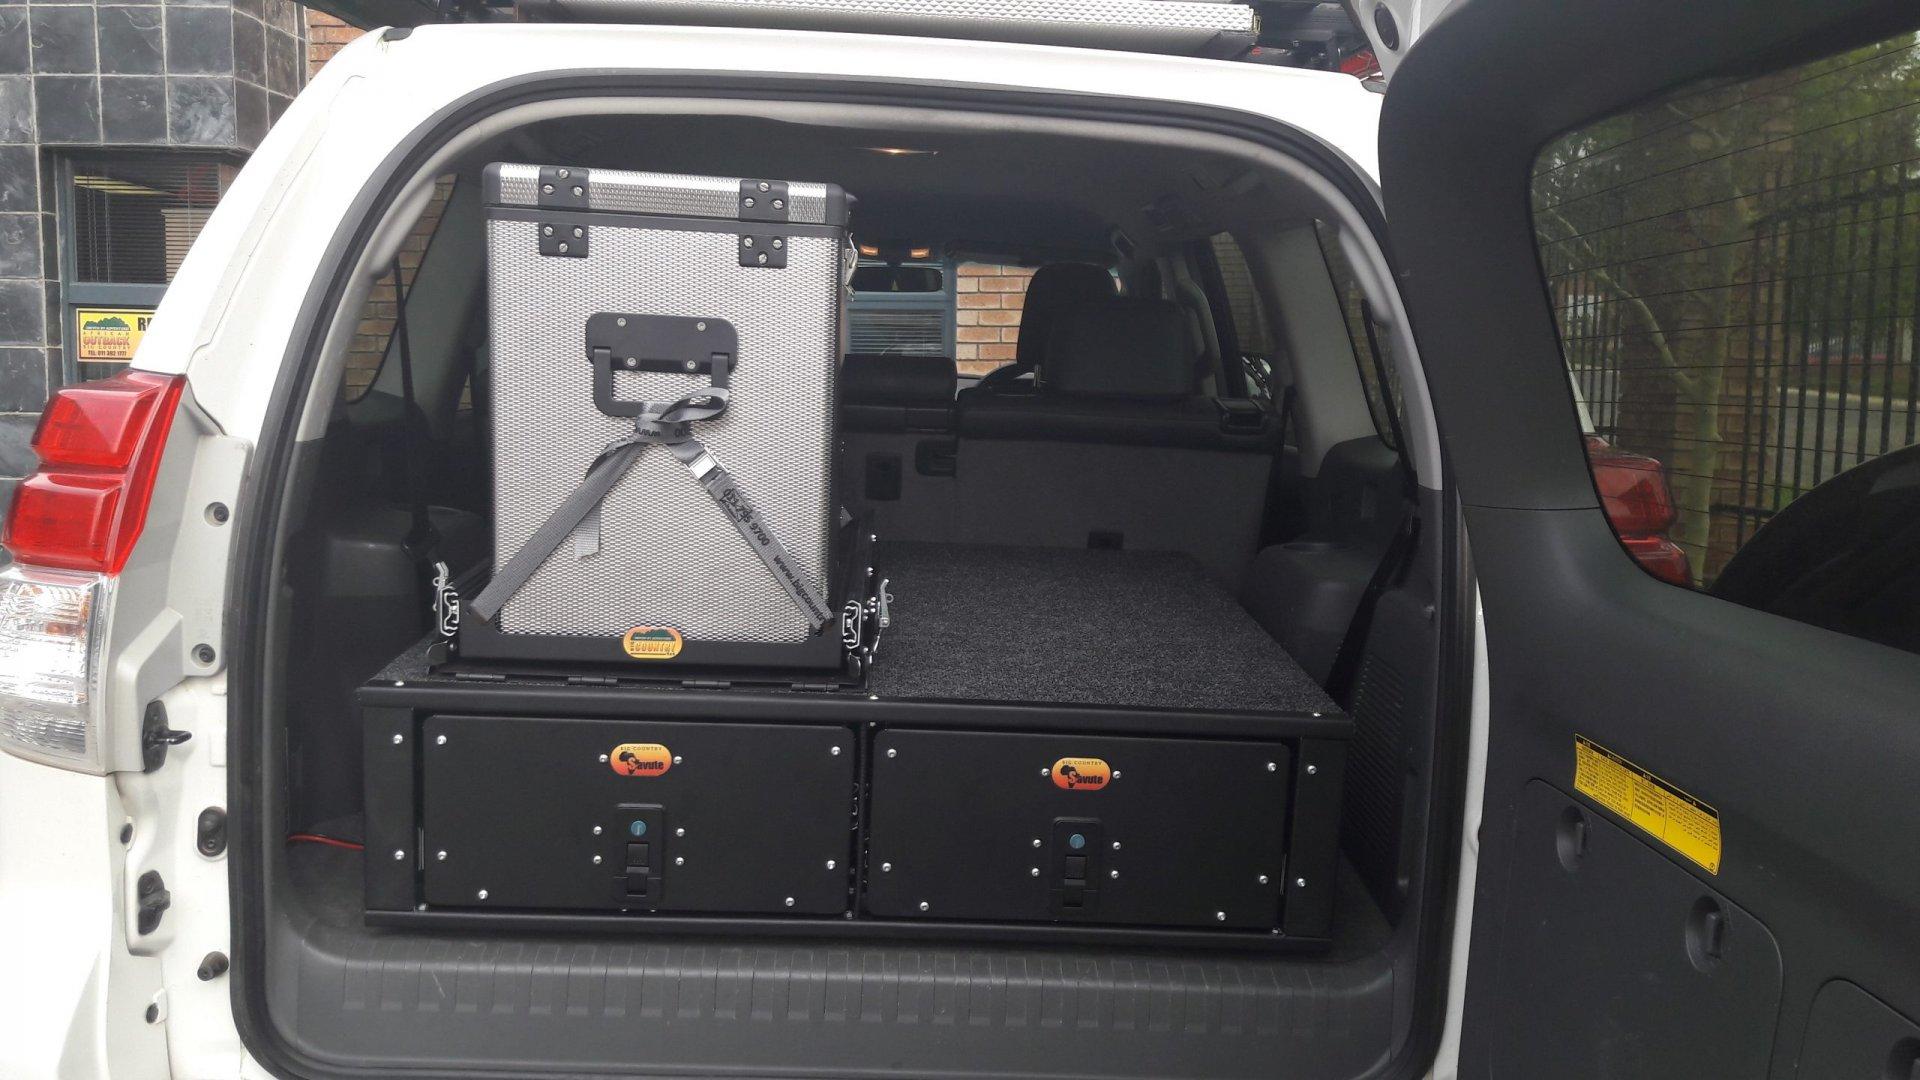 D160-Prado150-Seat-mount-drawer-2-scaled.jpg